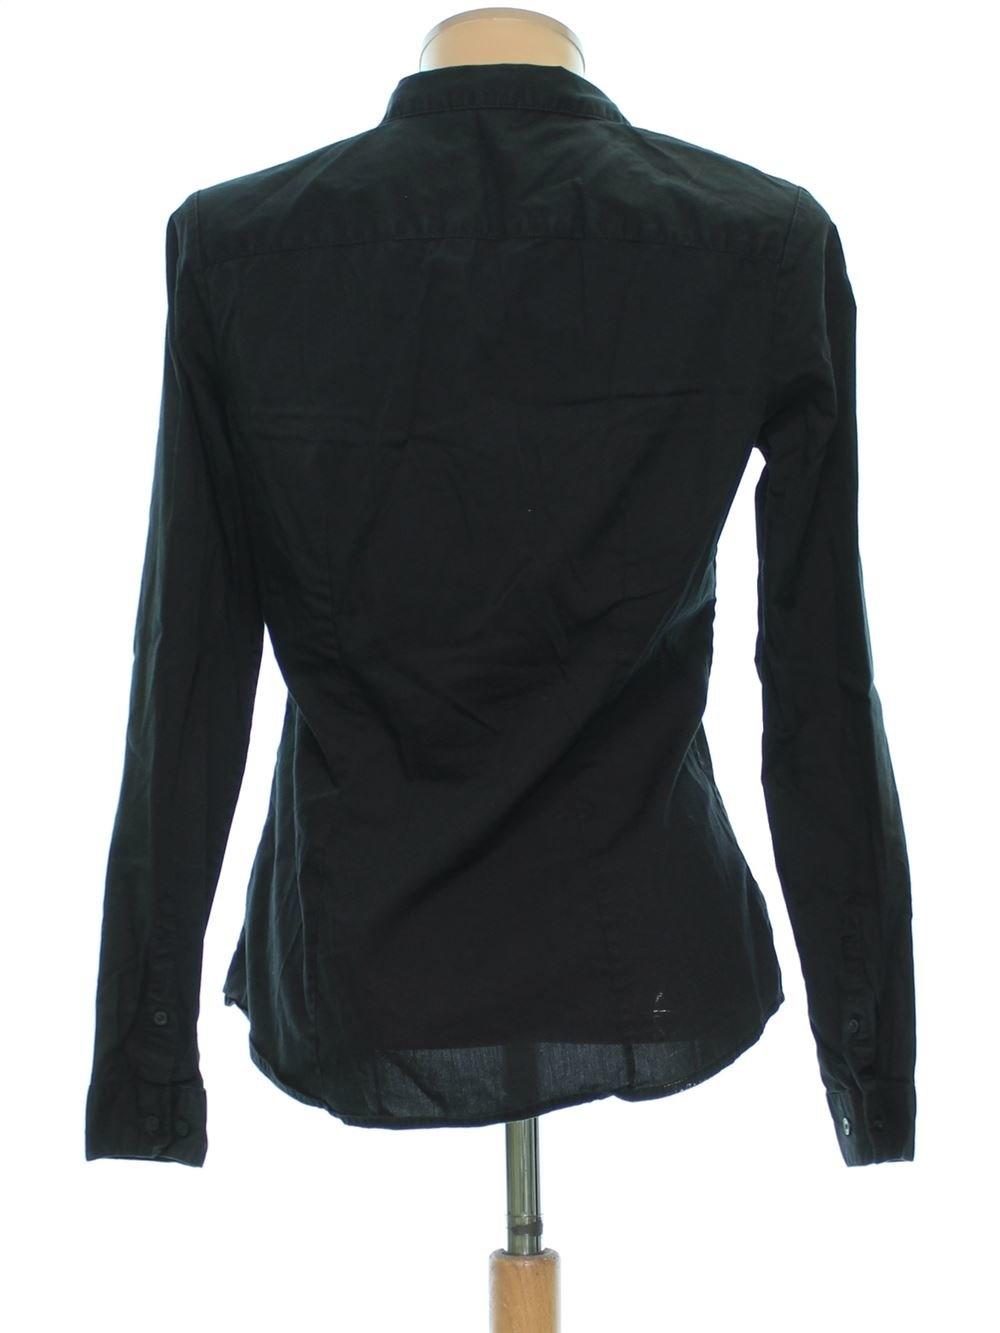 blouse chemisier femme h m 38 m t1 pas cher. Black Bedroom Furniture Sets. Home Design Ideas